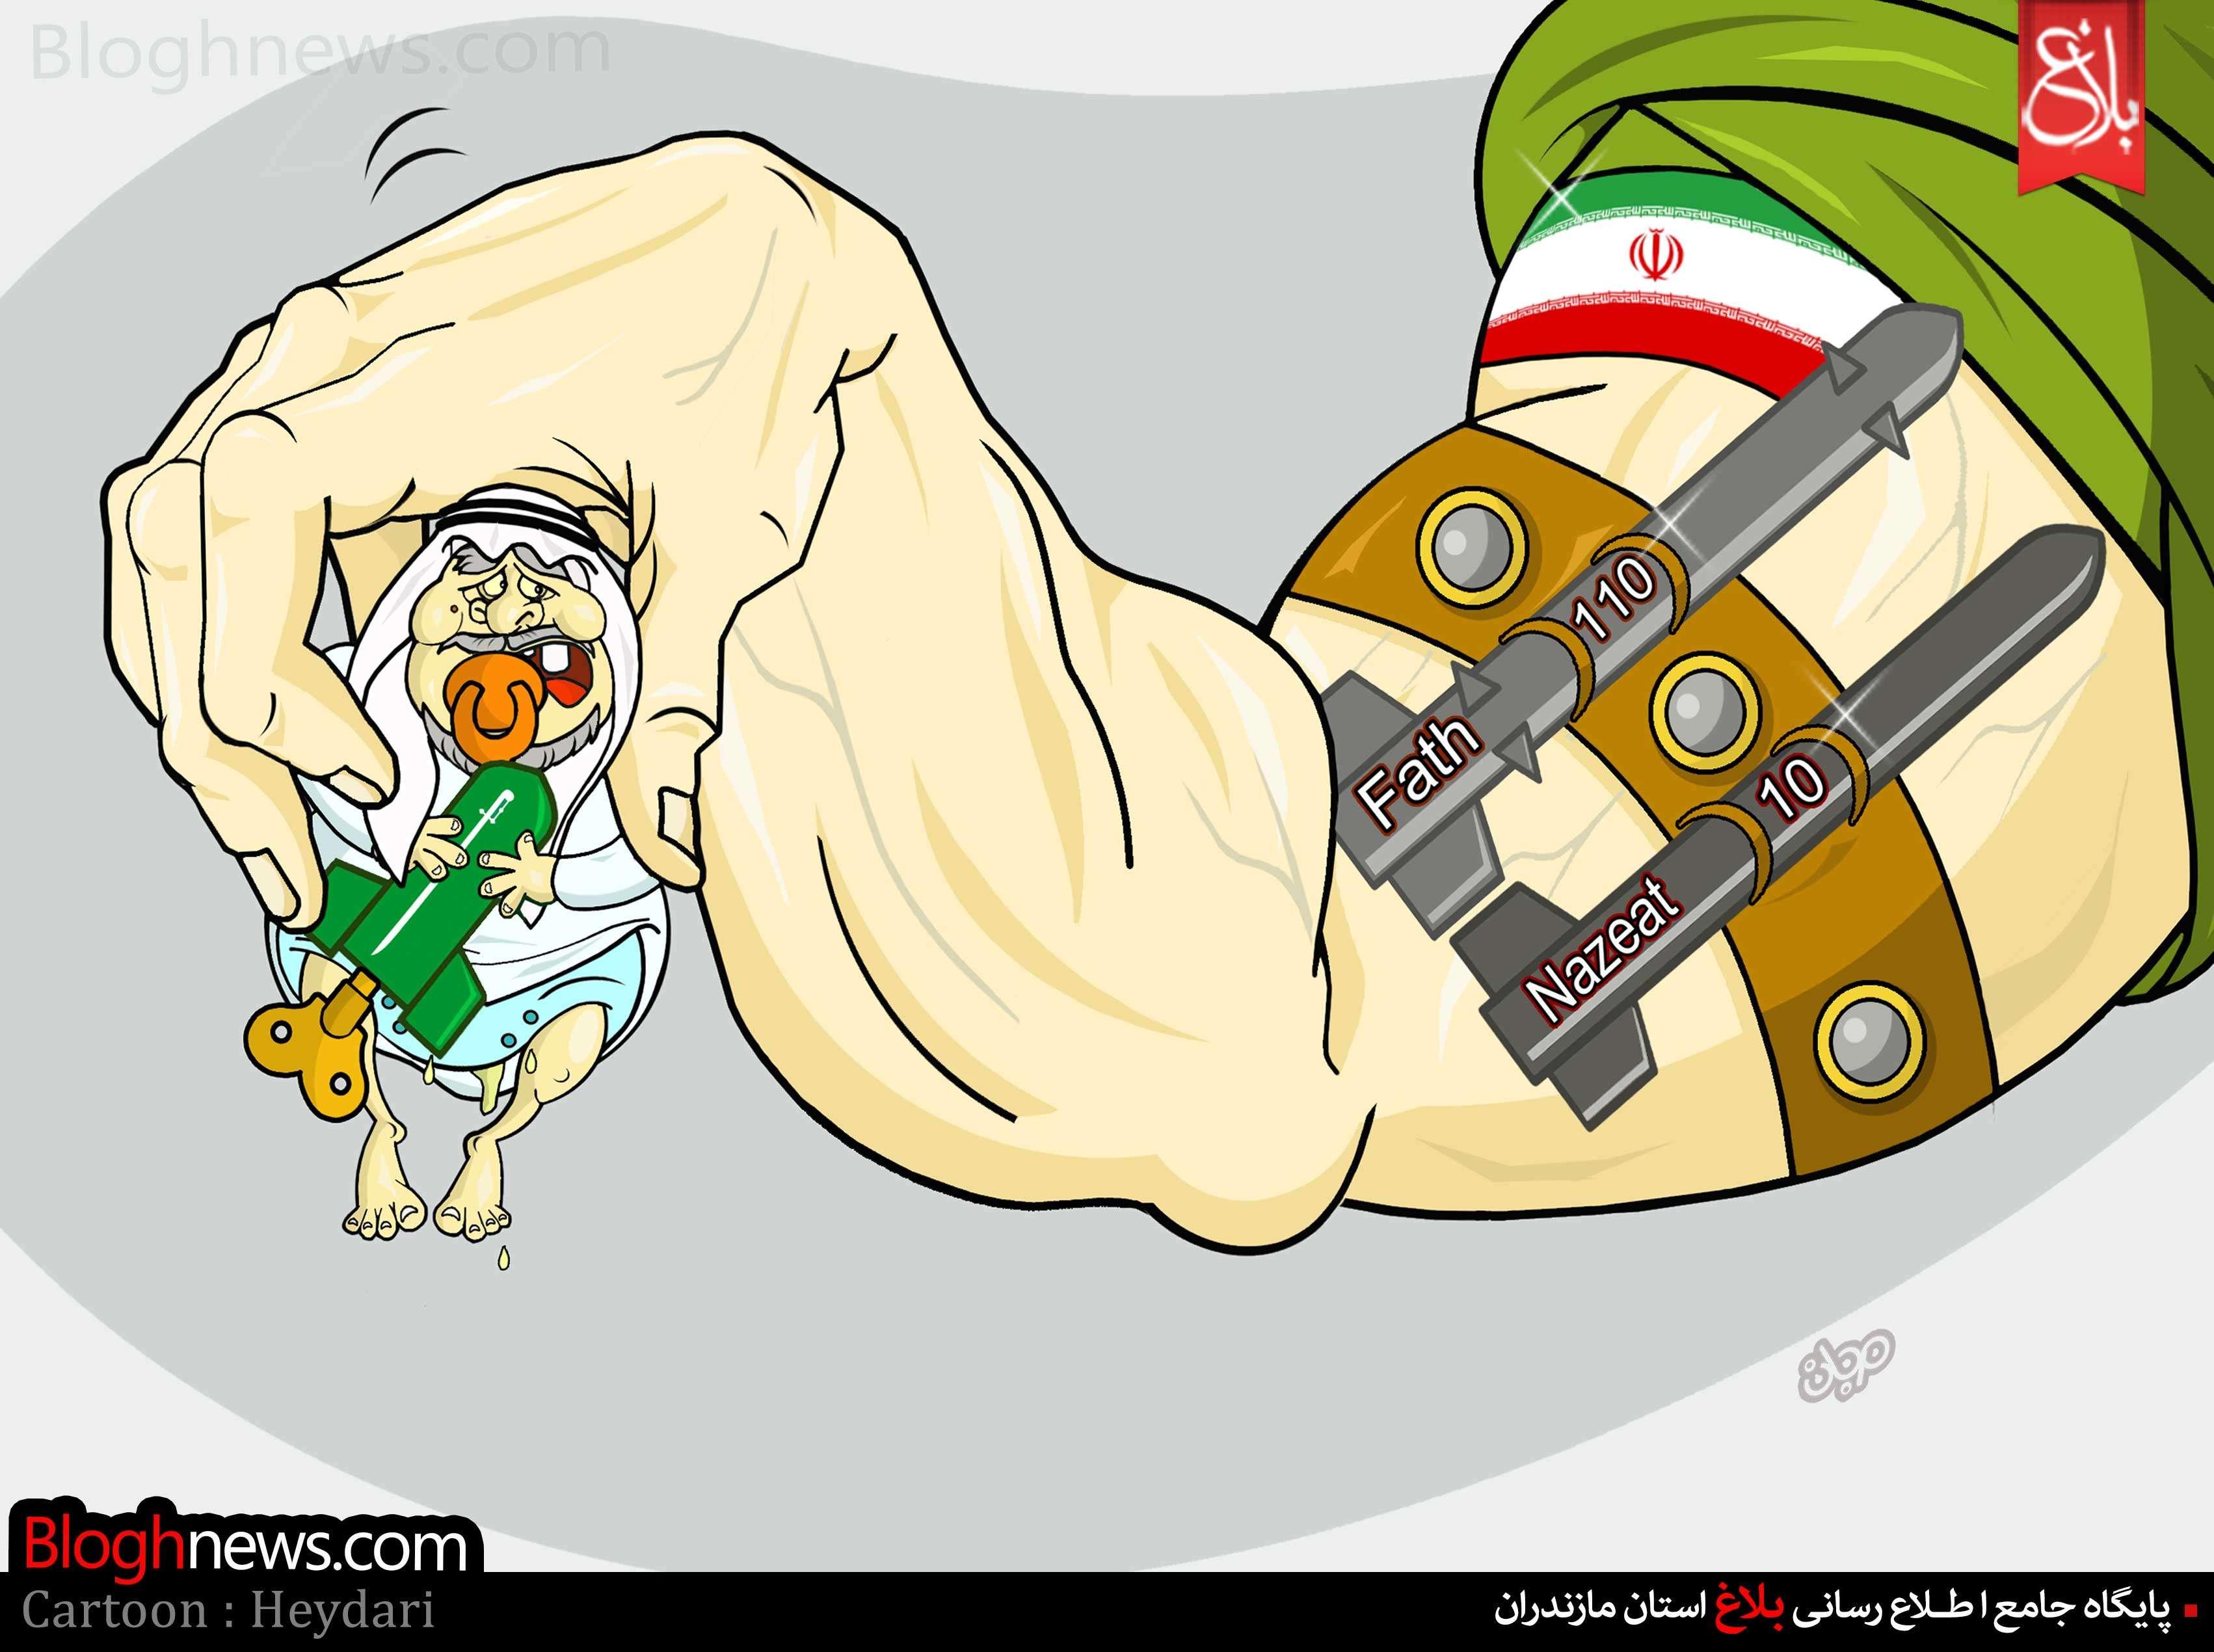 پاسخ کوبنده ایران در قبال تهدید کودکانه شاهزاده عربستان سعودی